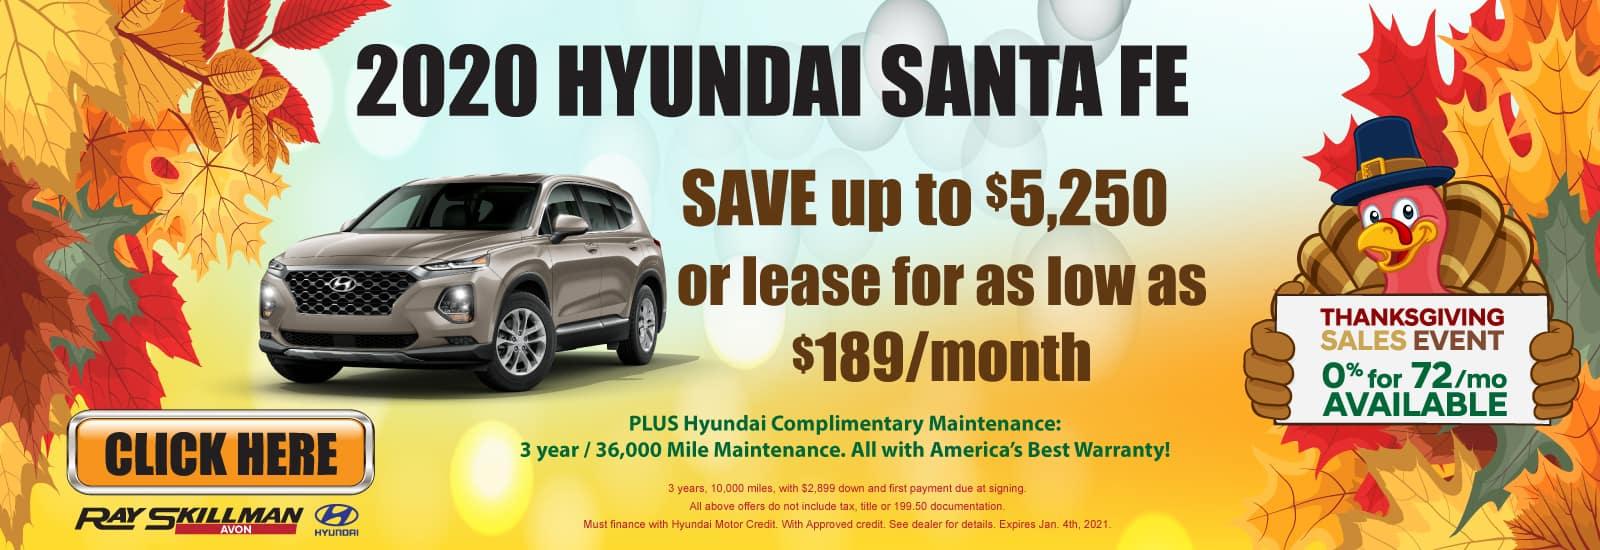 2020-Hyundai-Santa-Fe-Web-Banner-1600×550 – Avon